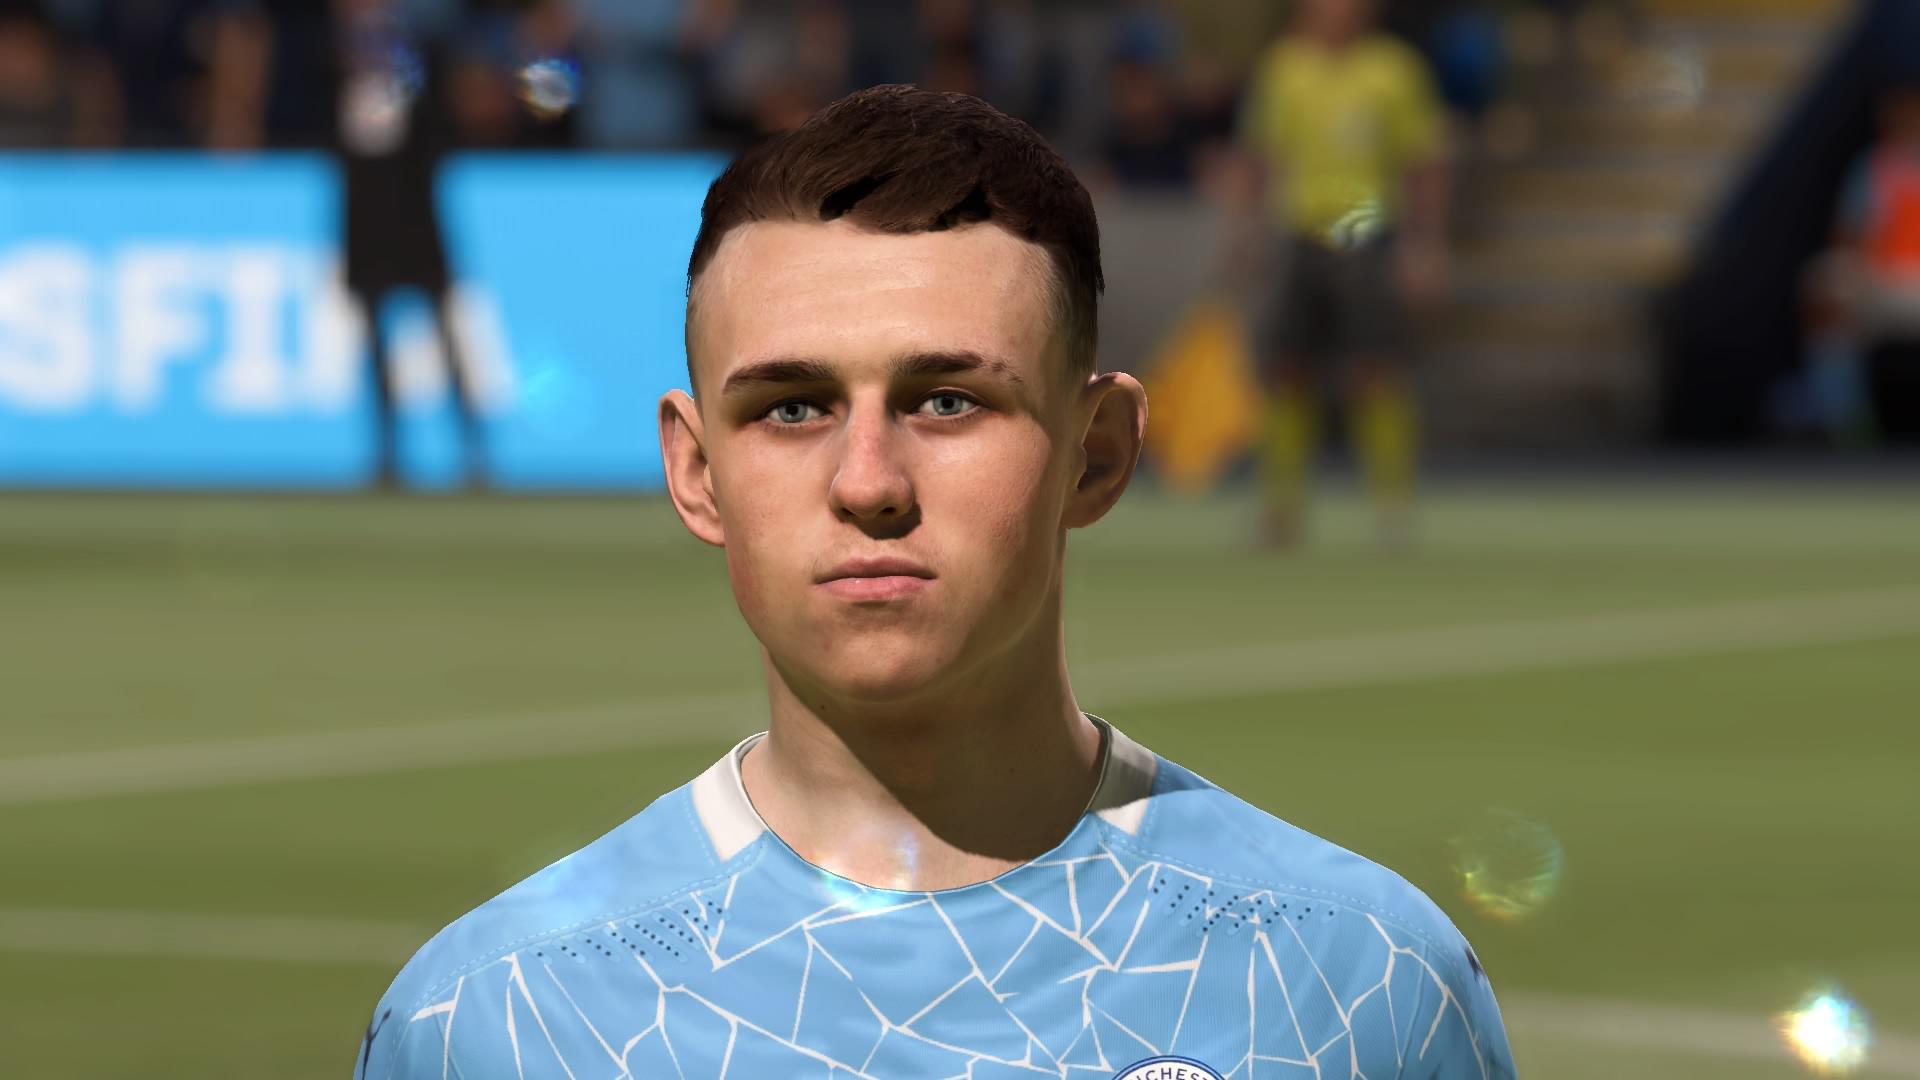 モード fifa21 キャリア 【FIFA21】キャリアモード攻略「ポジション別〈若手〉おすすめ選手」【FW編】